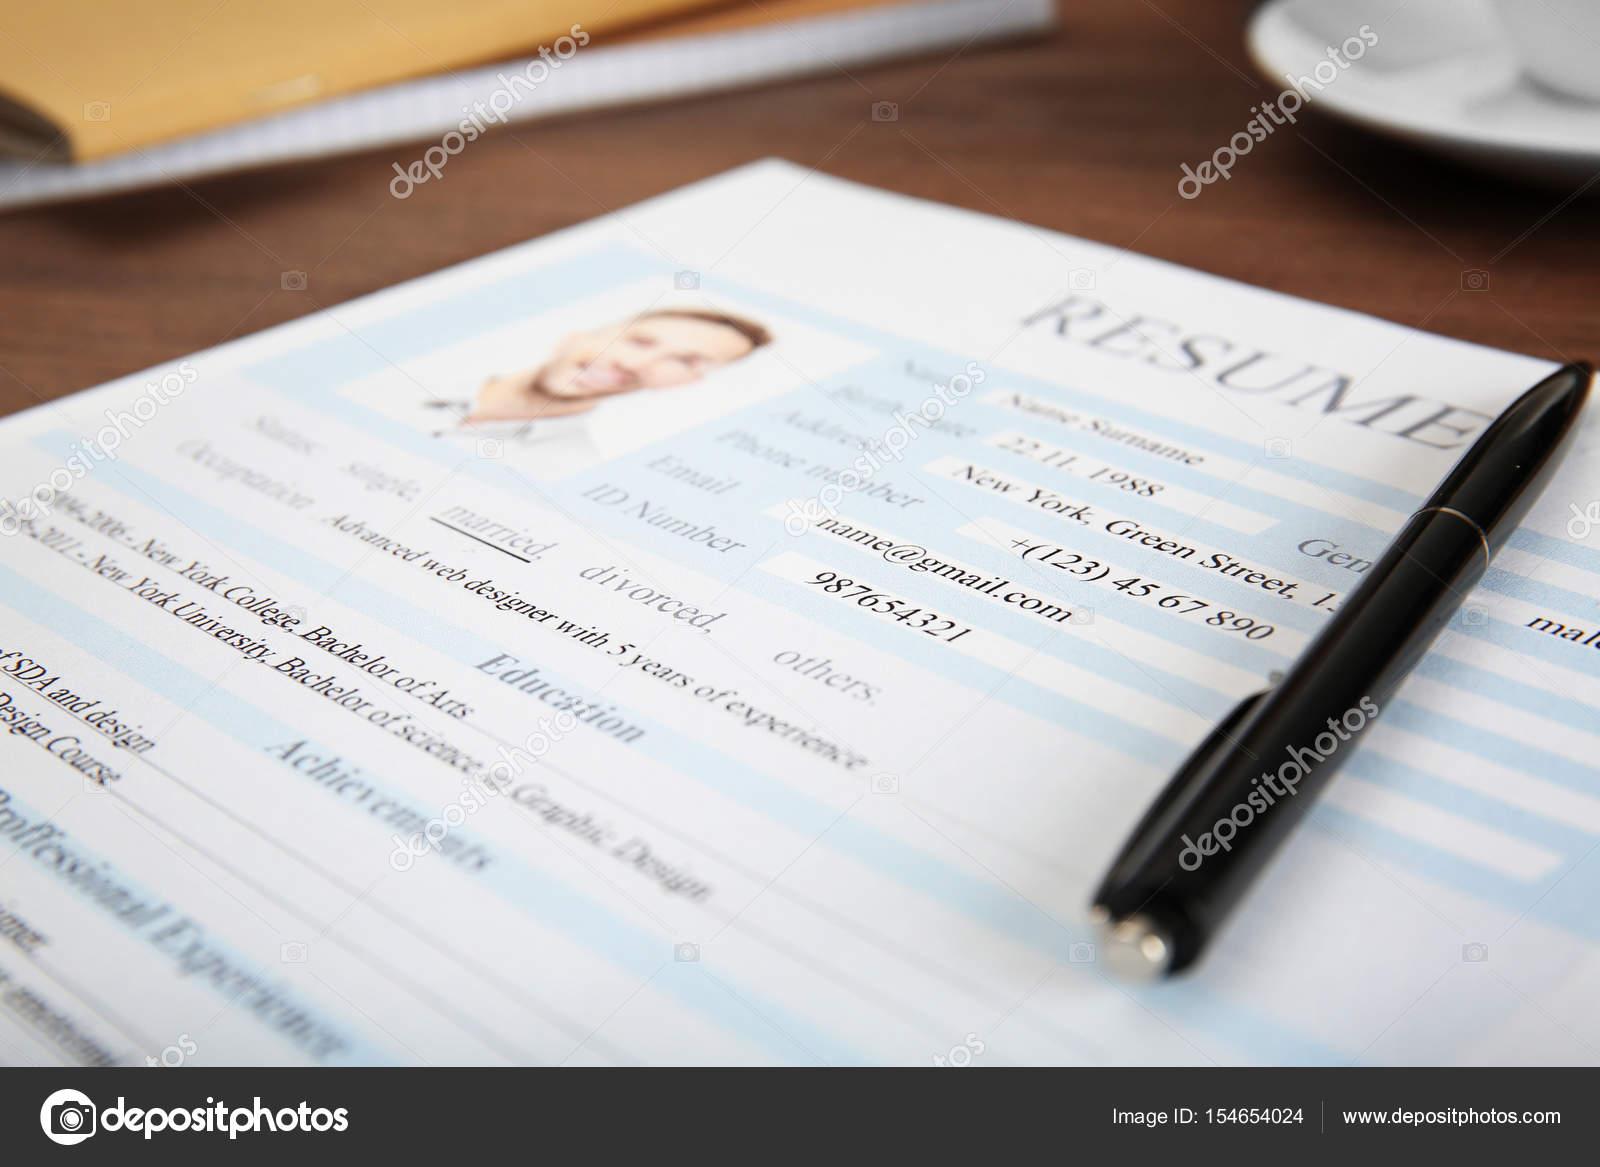 lebenslauf formular auf tisch nahaufnahme foto von belchonock - Lebenslauf Formular